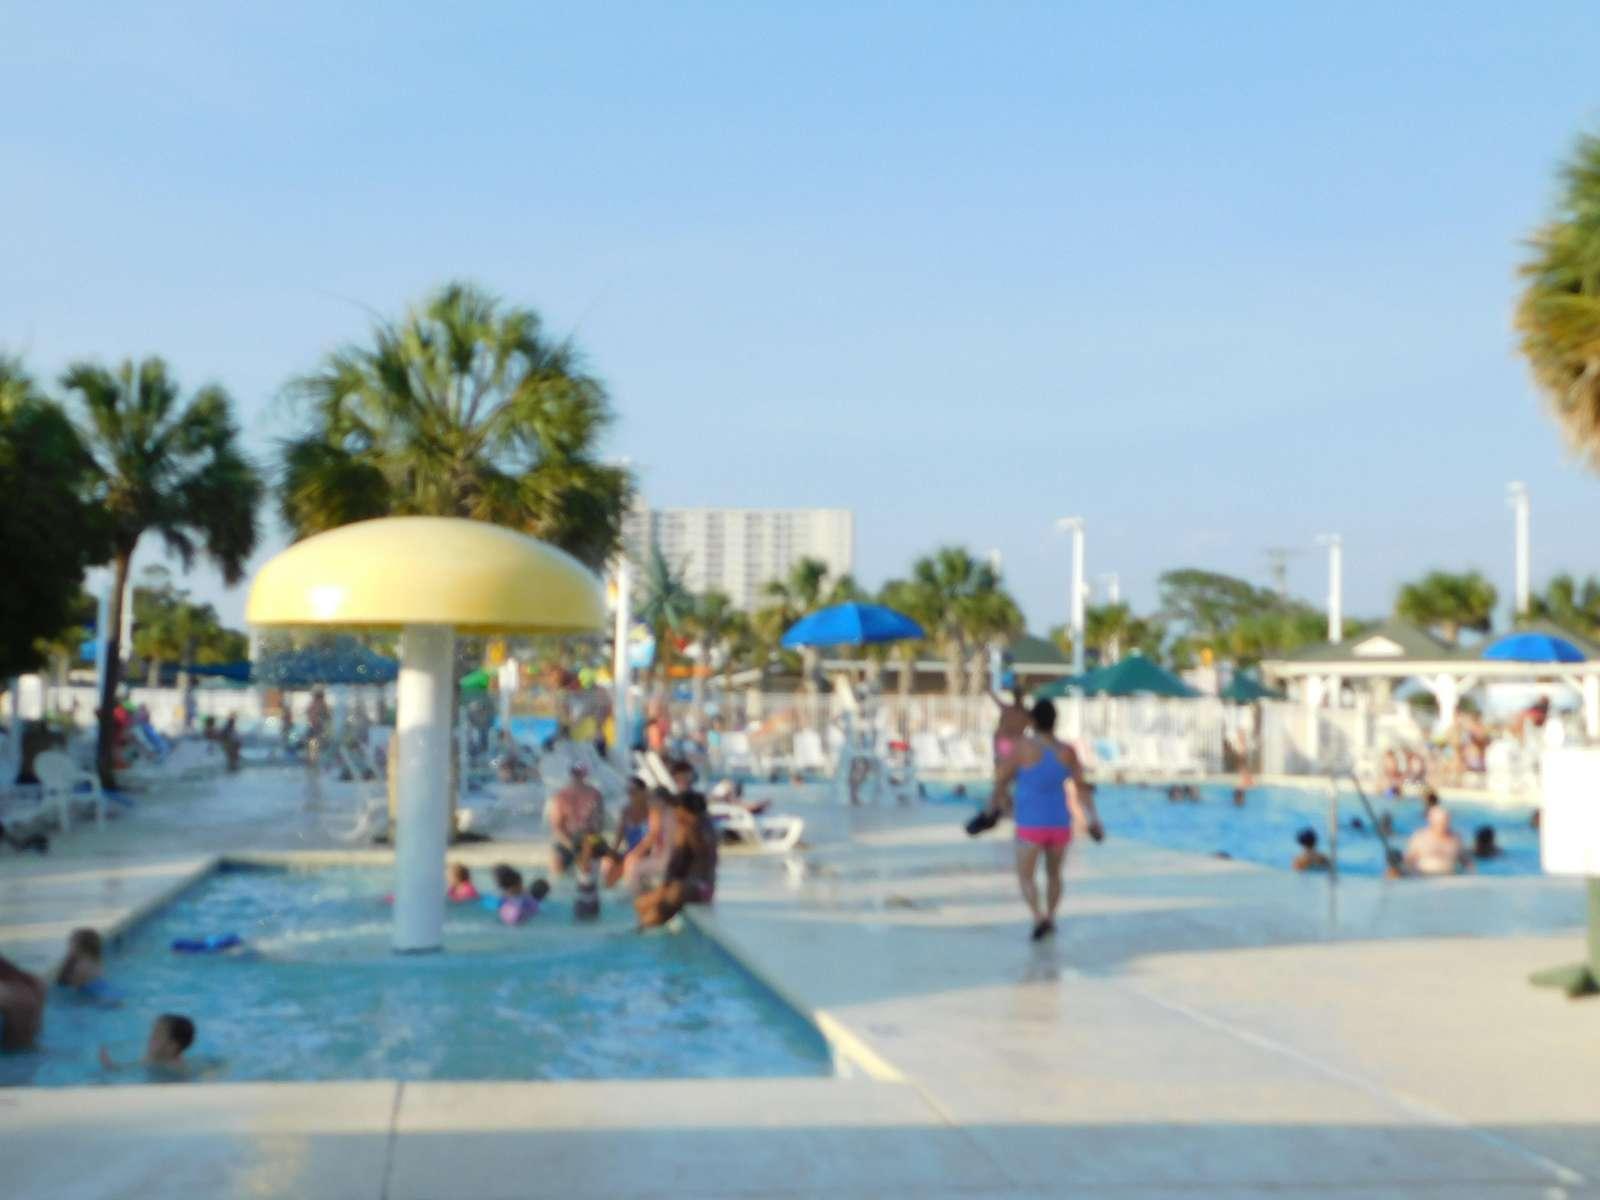 One of many kiddie pools